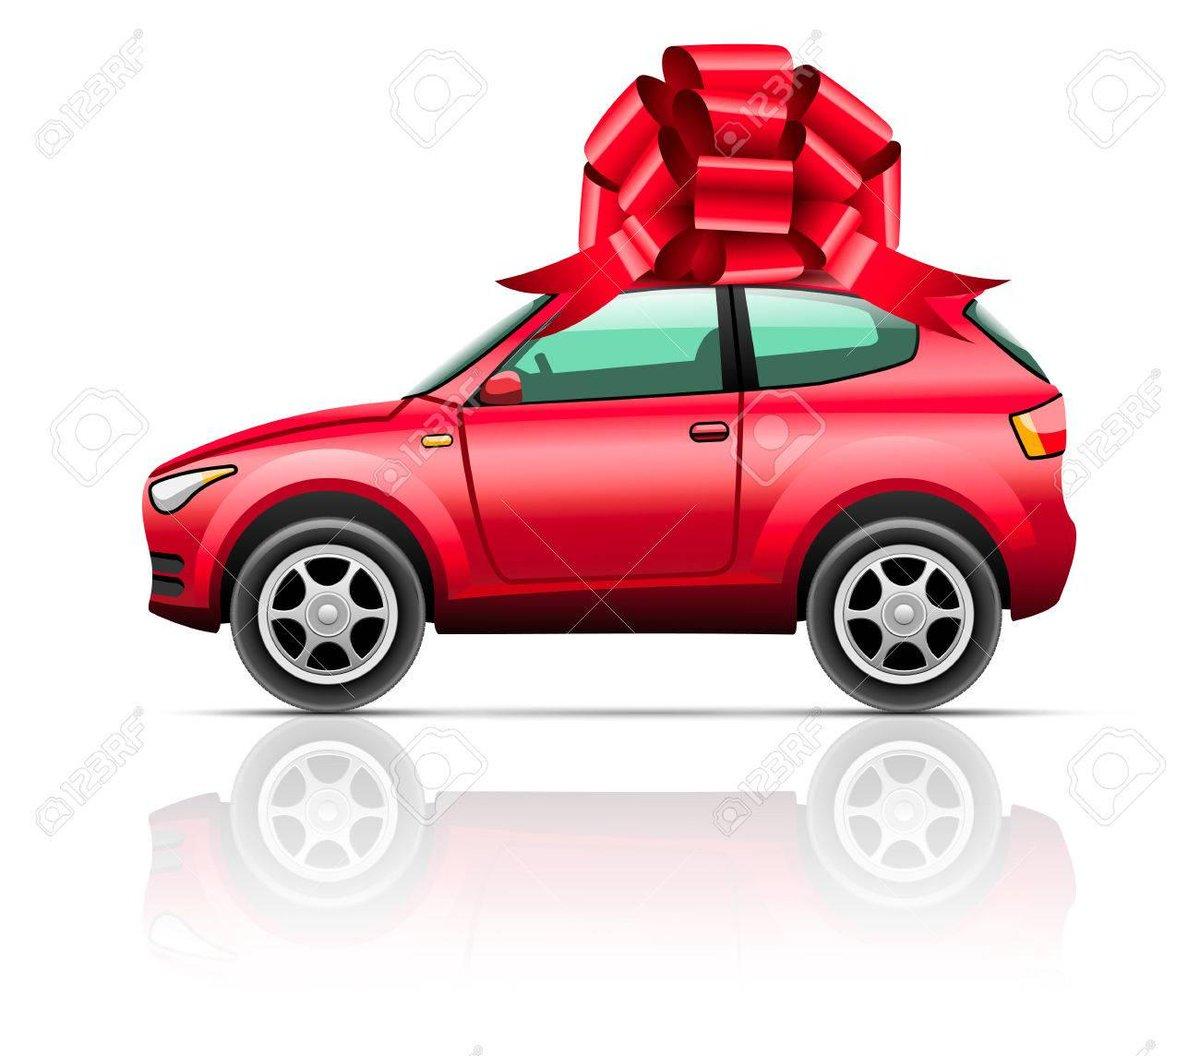 HEY ATENCIÓN!!!Da RT y Responde esta sencilla pregunta:Si @AutosyMas regala una SUV por sus 19 años al aire... ¿QUE SUV de alrededor de $ 350mil pesos te gustaría ganar?Participa y festeja con #AutosyMas 19 años AL AIRE#FelizSabado GRACIAS Por ESCUCHARNOS